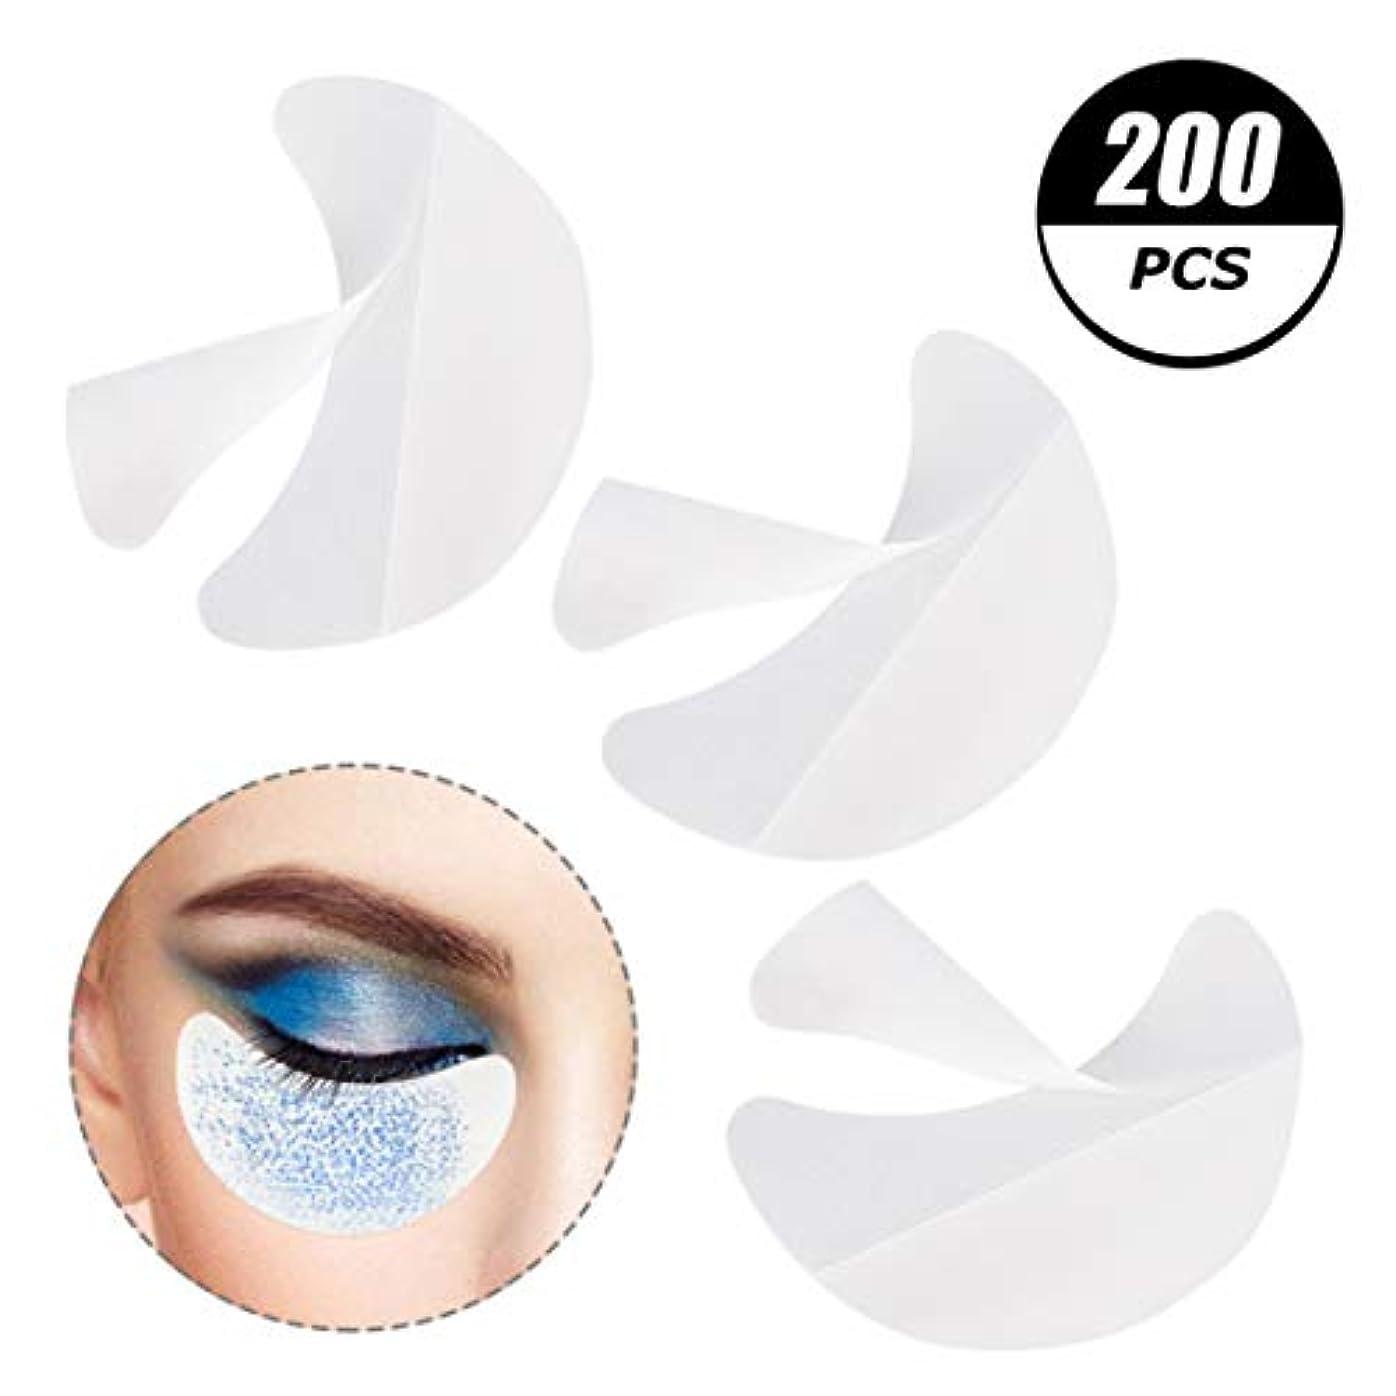 補償政令レスリングQuzama-JS アイシャドー拡大、色合いと唇化粧残渣化粧品ツールを防止するためにアイシャドーシールドアイシャドーステンシル